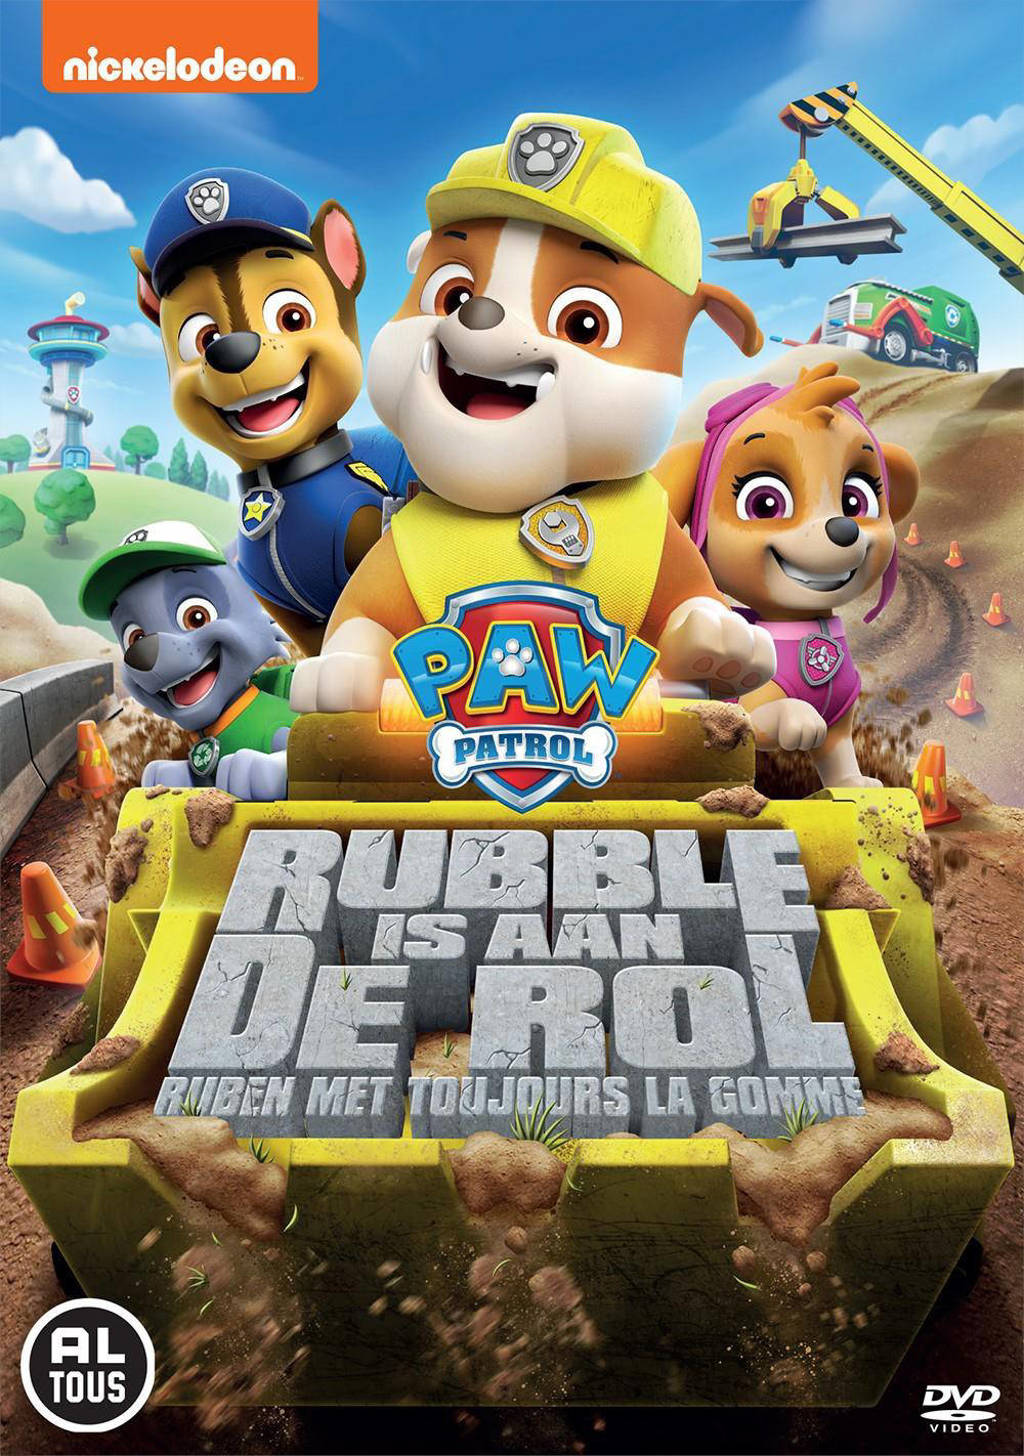 Paw Patrol - Rubble Is Aan De Rol (DVD)